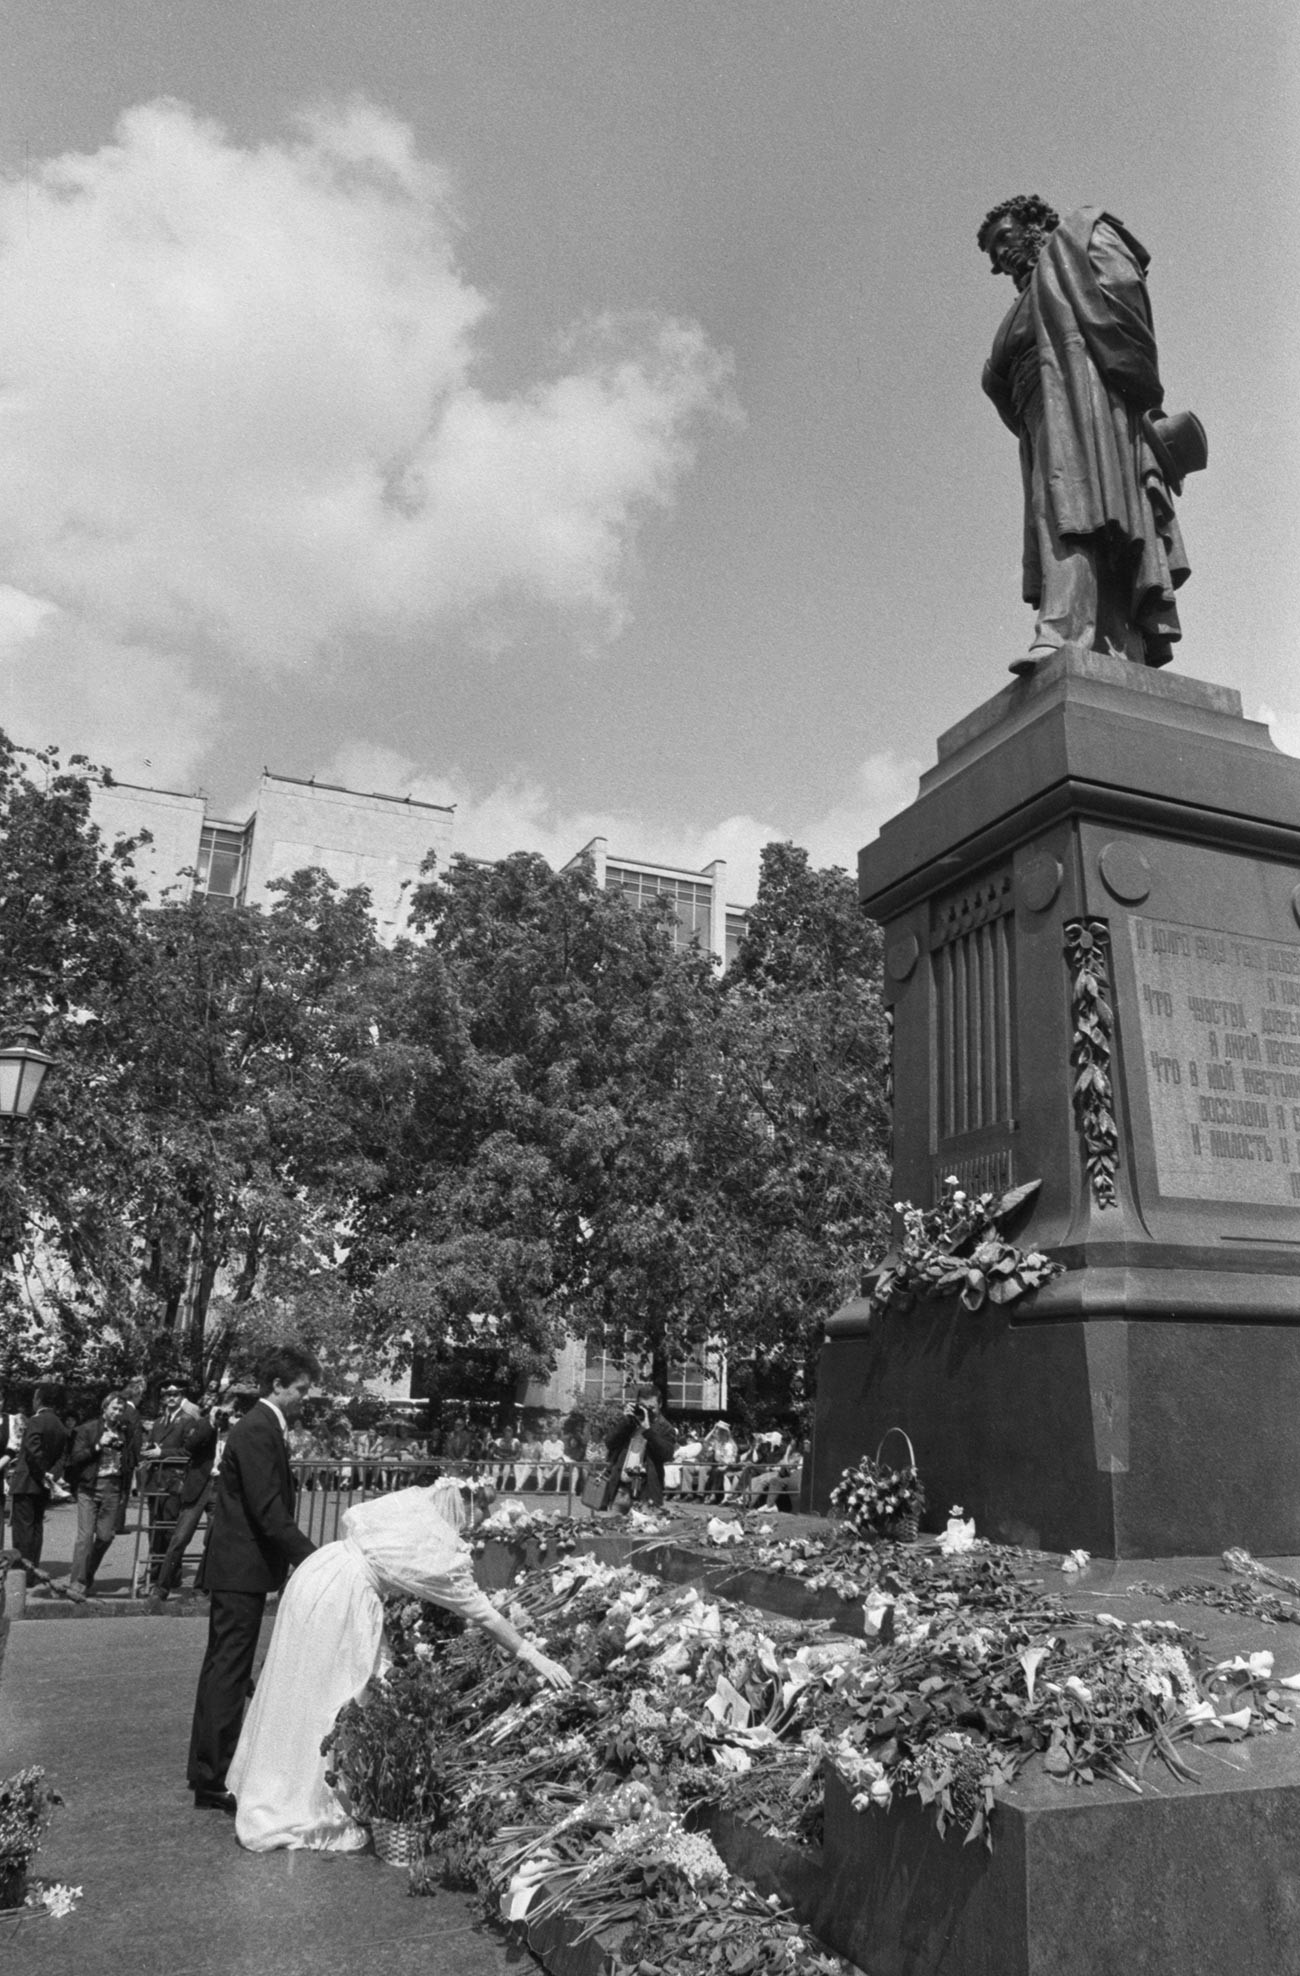 Coppia di sposi lascia un mazzo di fiori ai piedi del monumento a Pushkin, Mosca